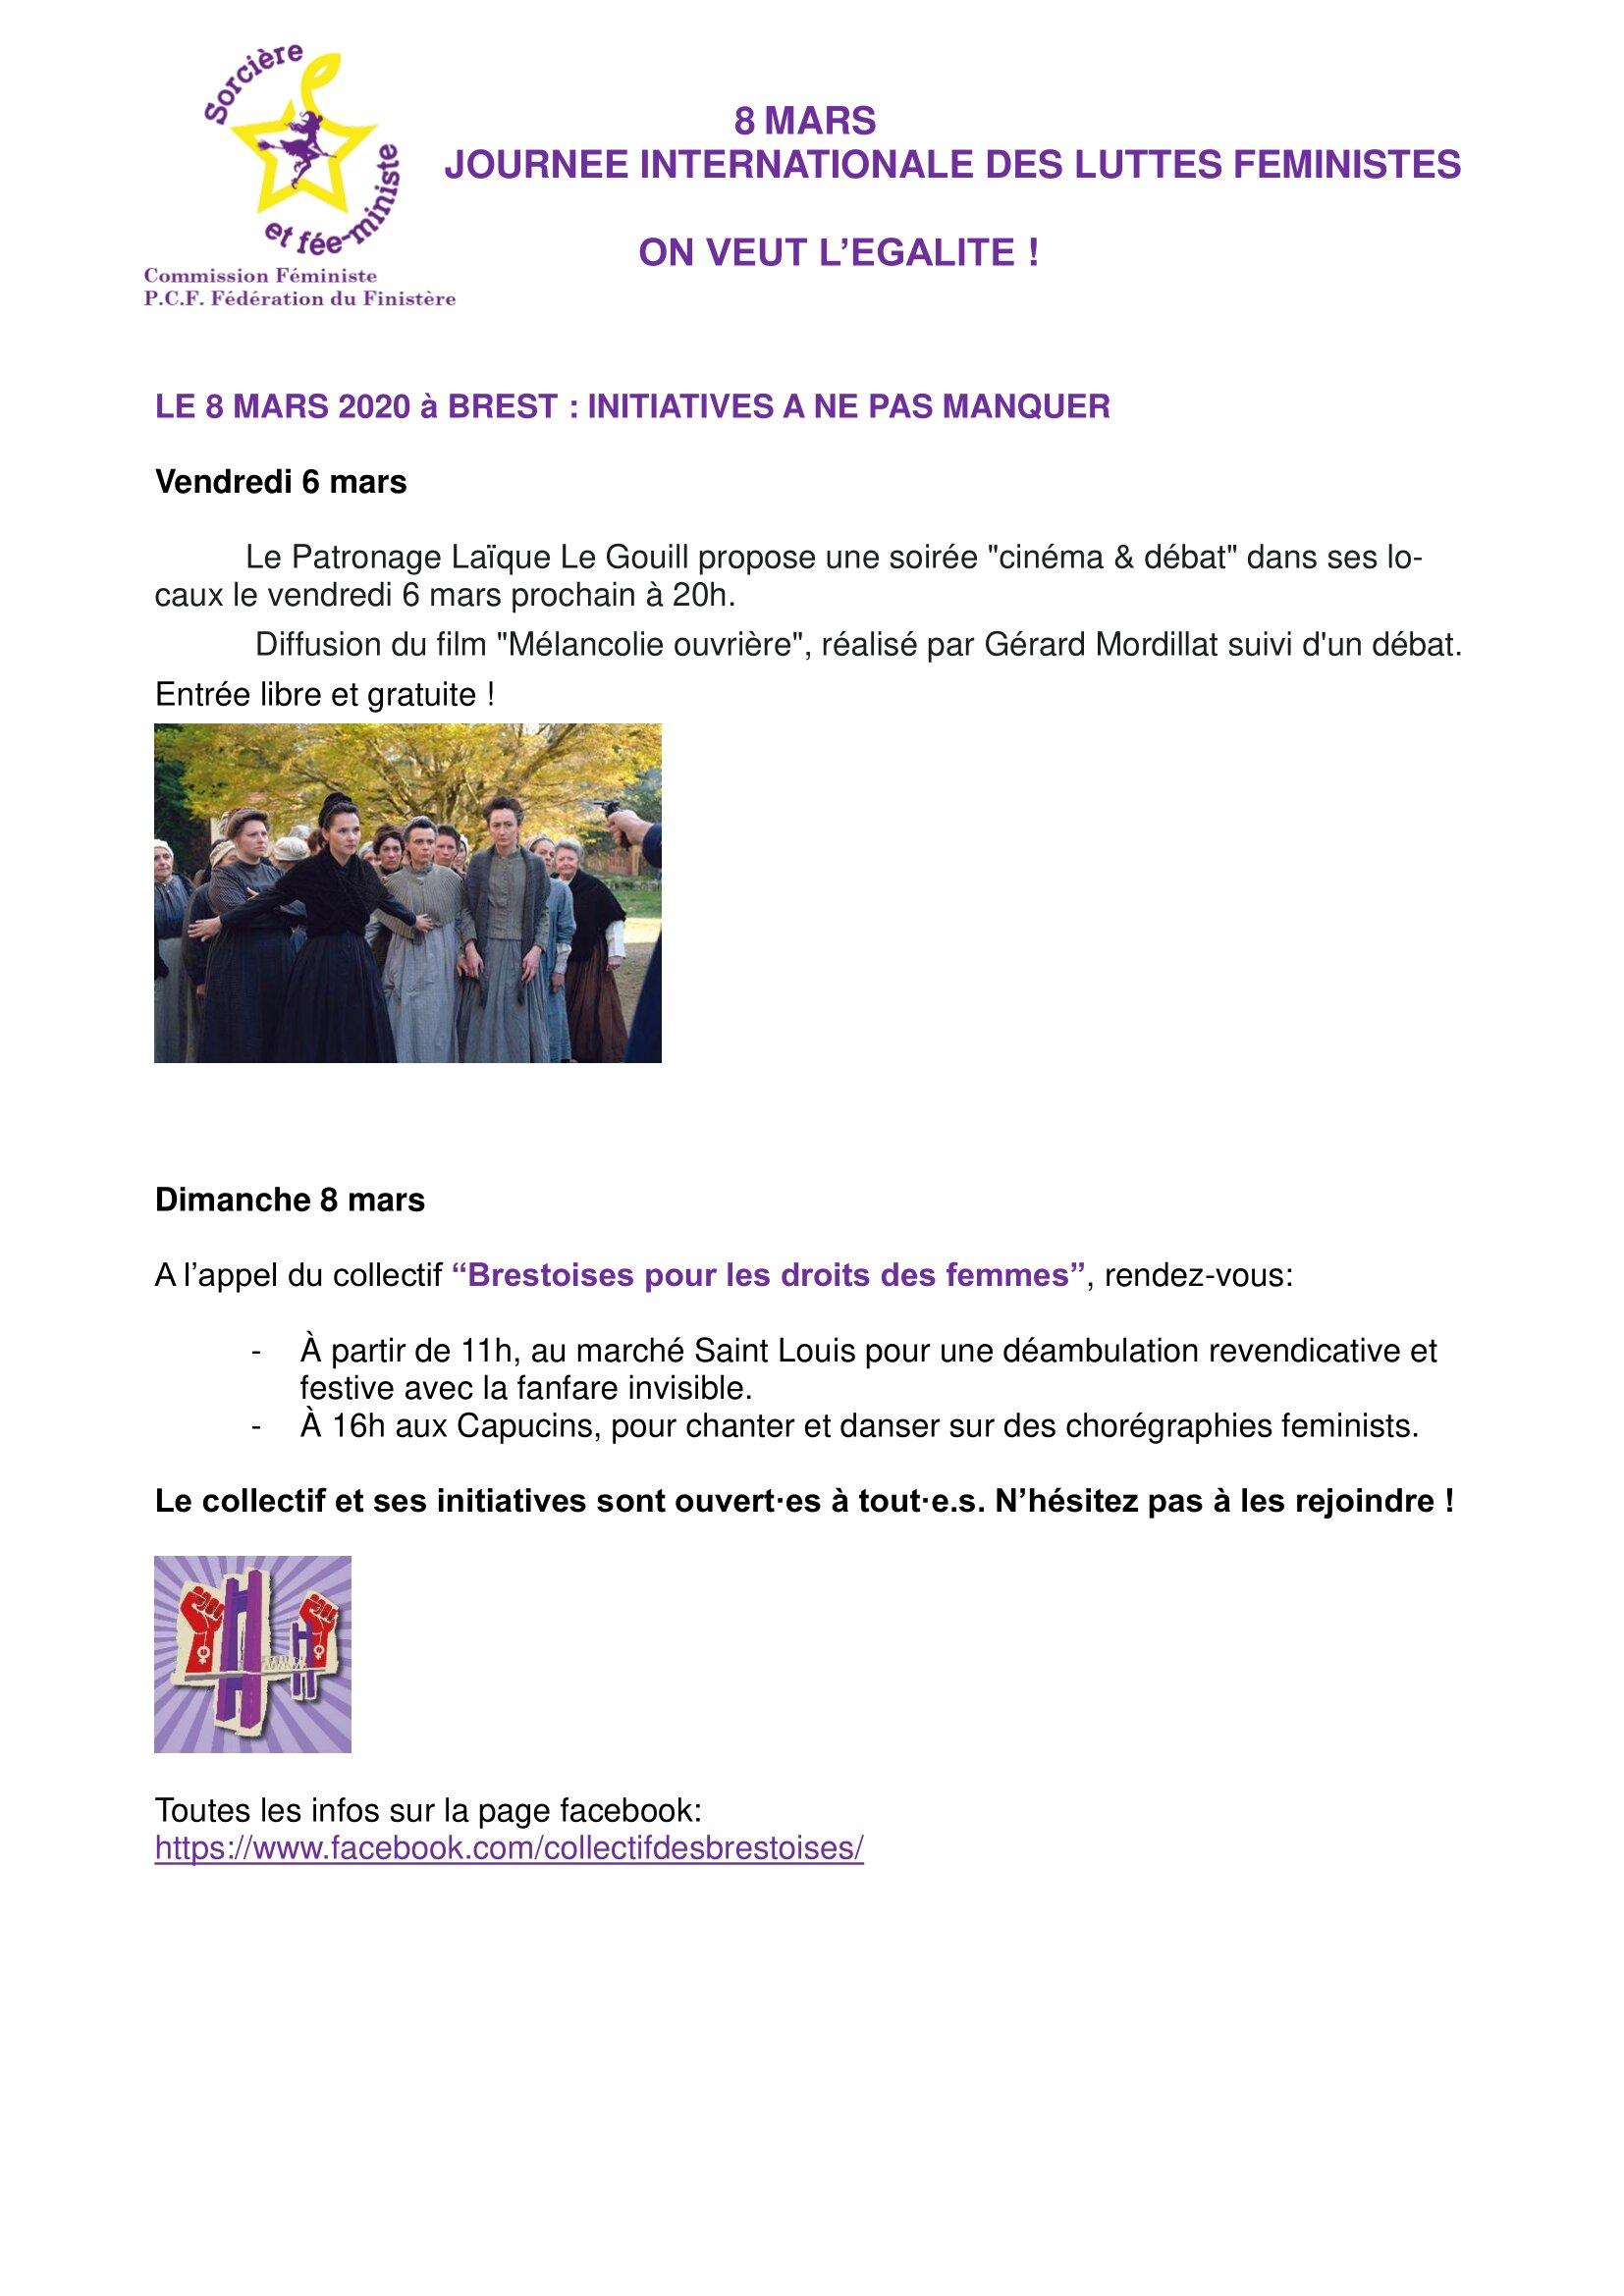 8 MARS : Initiatives à Brest.